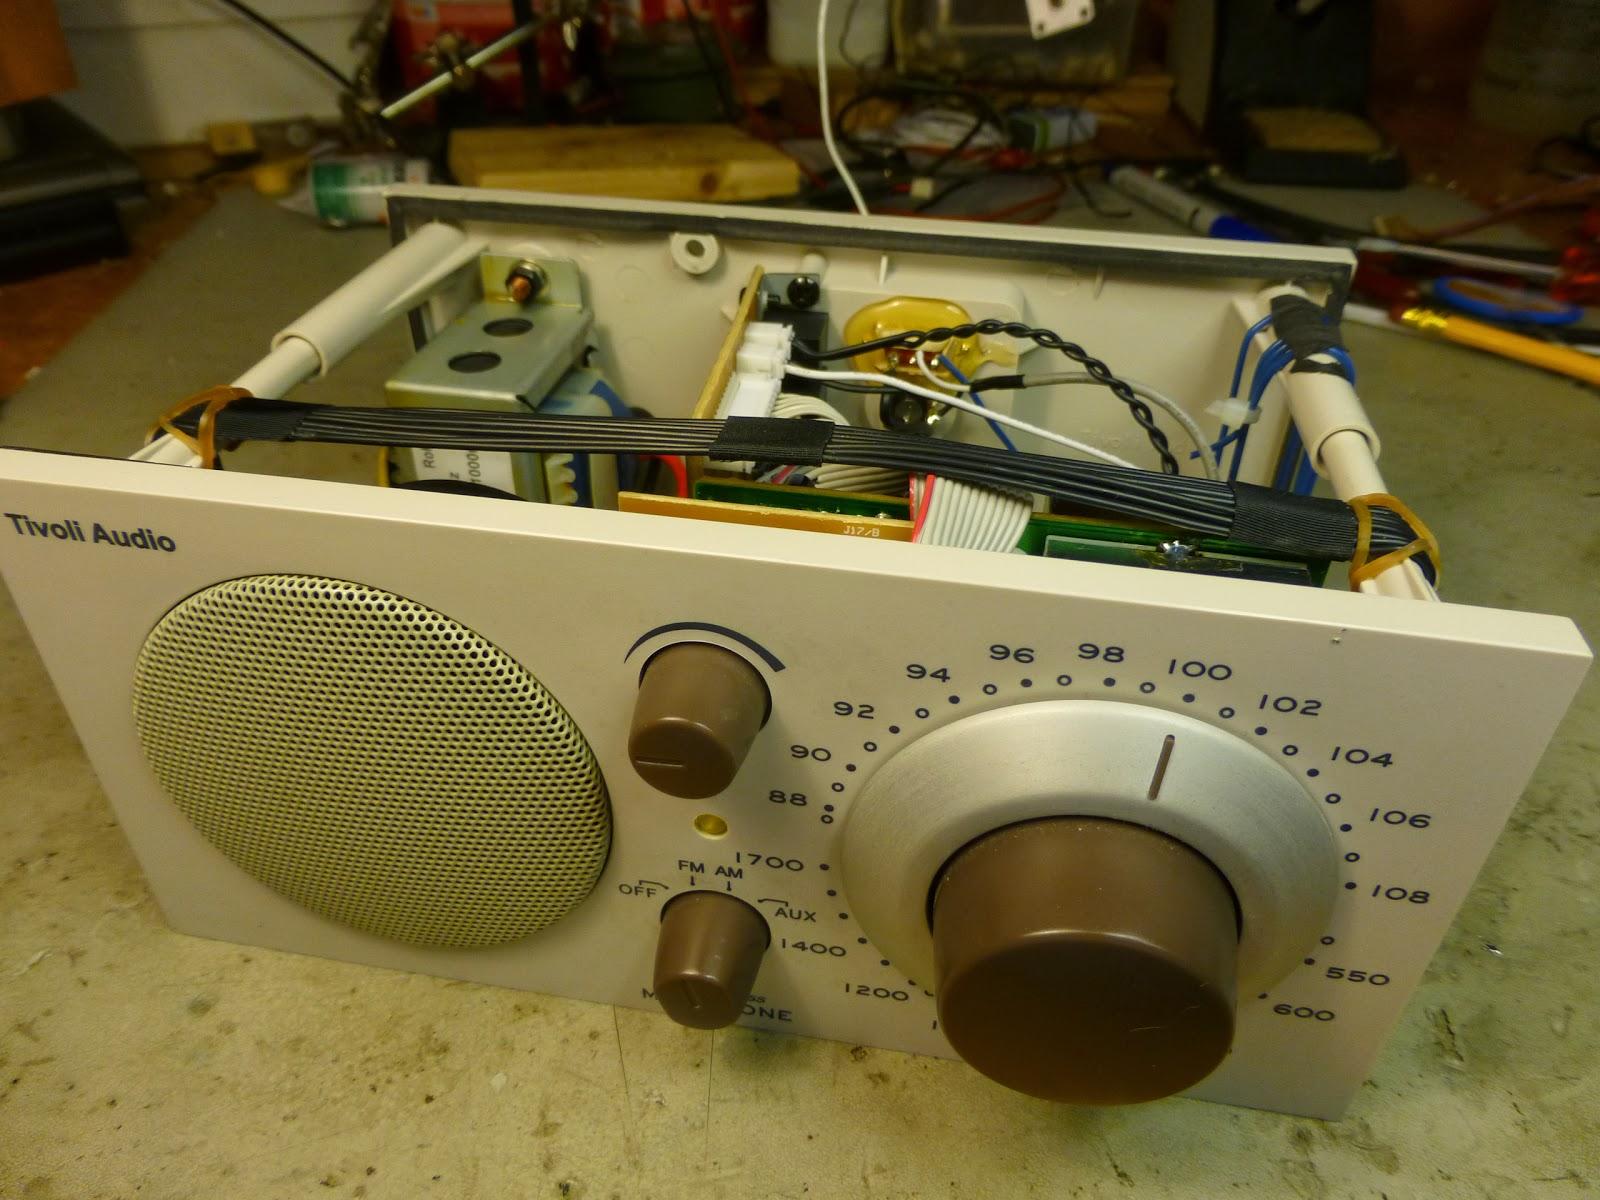 2002 international 4300 dt466 engine wiring diagram [ 1600 x 1200 Pixel ]